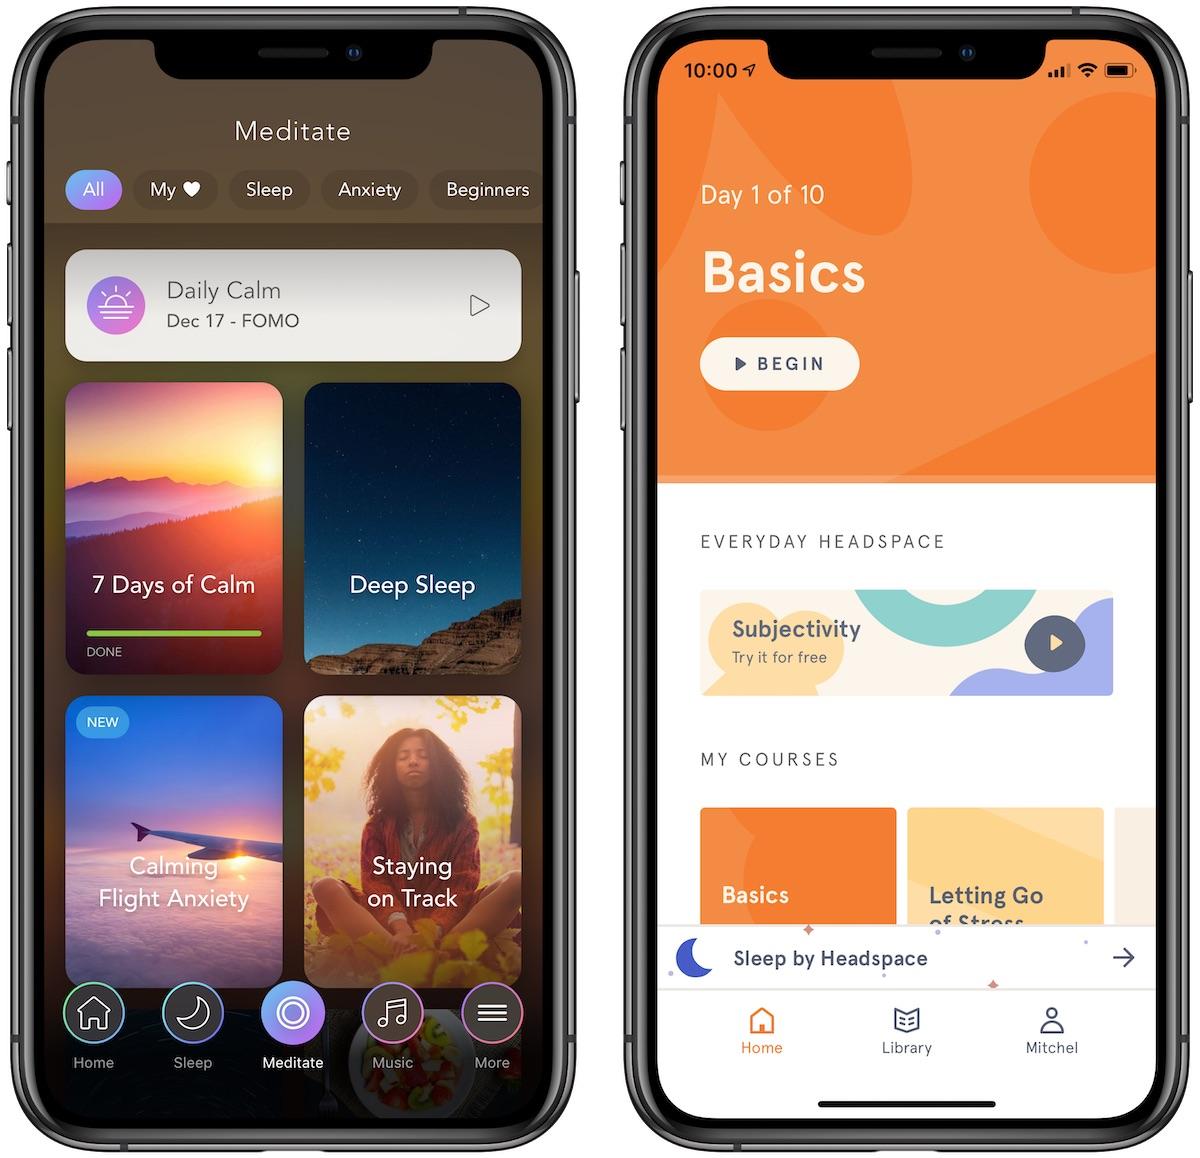 Calm' Became Top Meditation App After Apple's 2017 App of